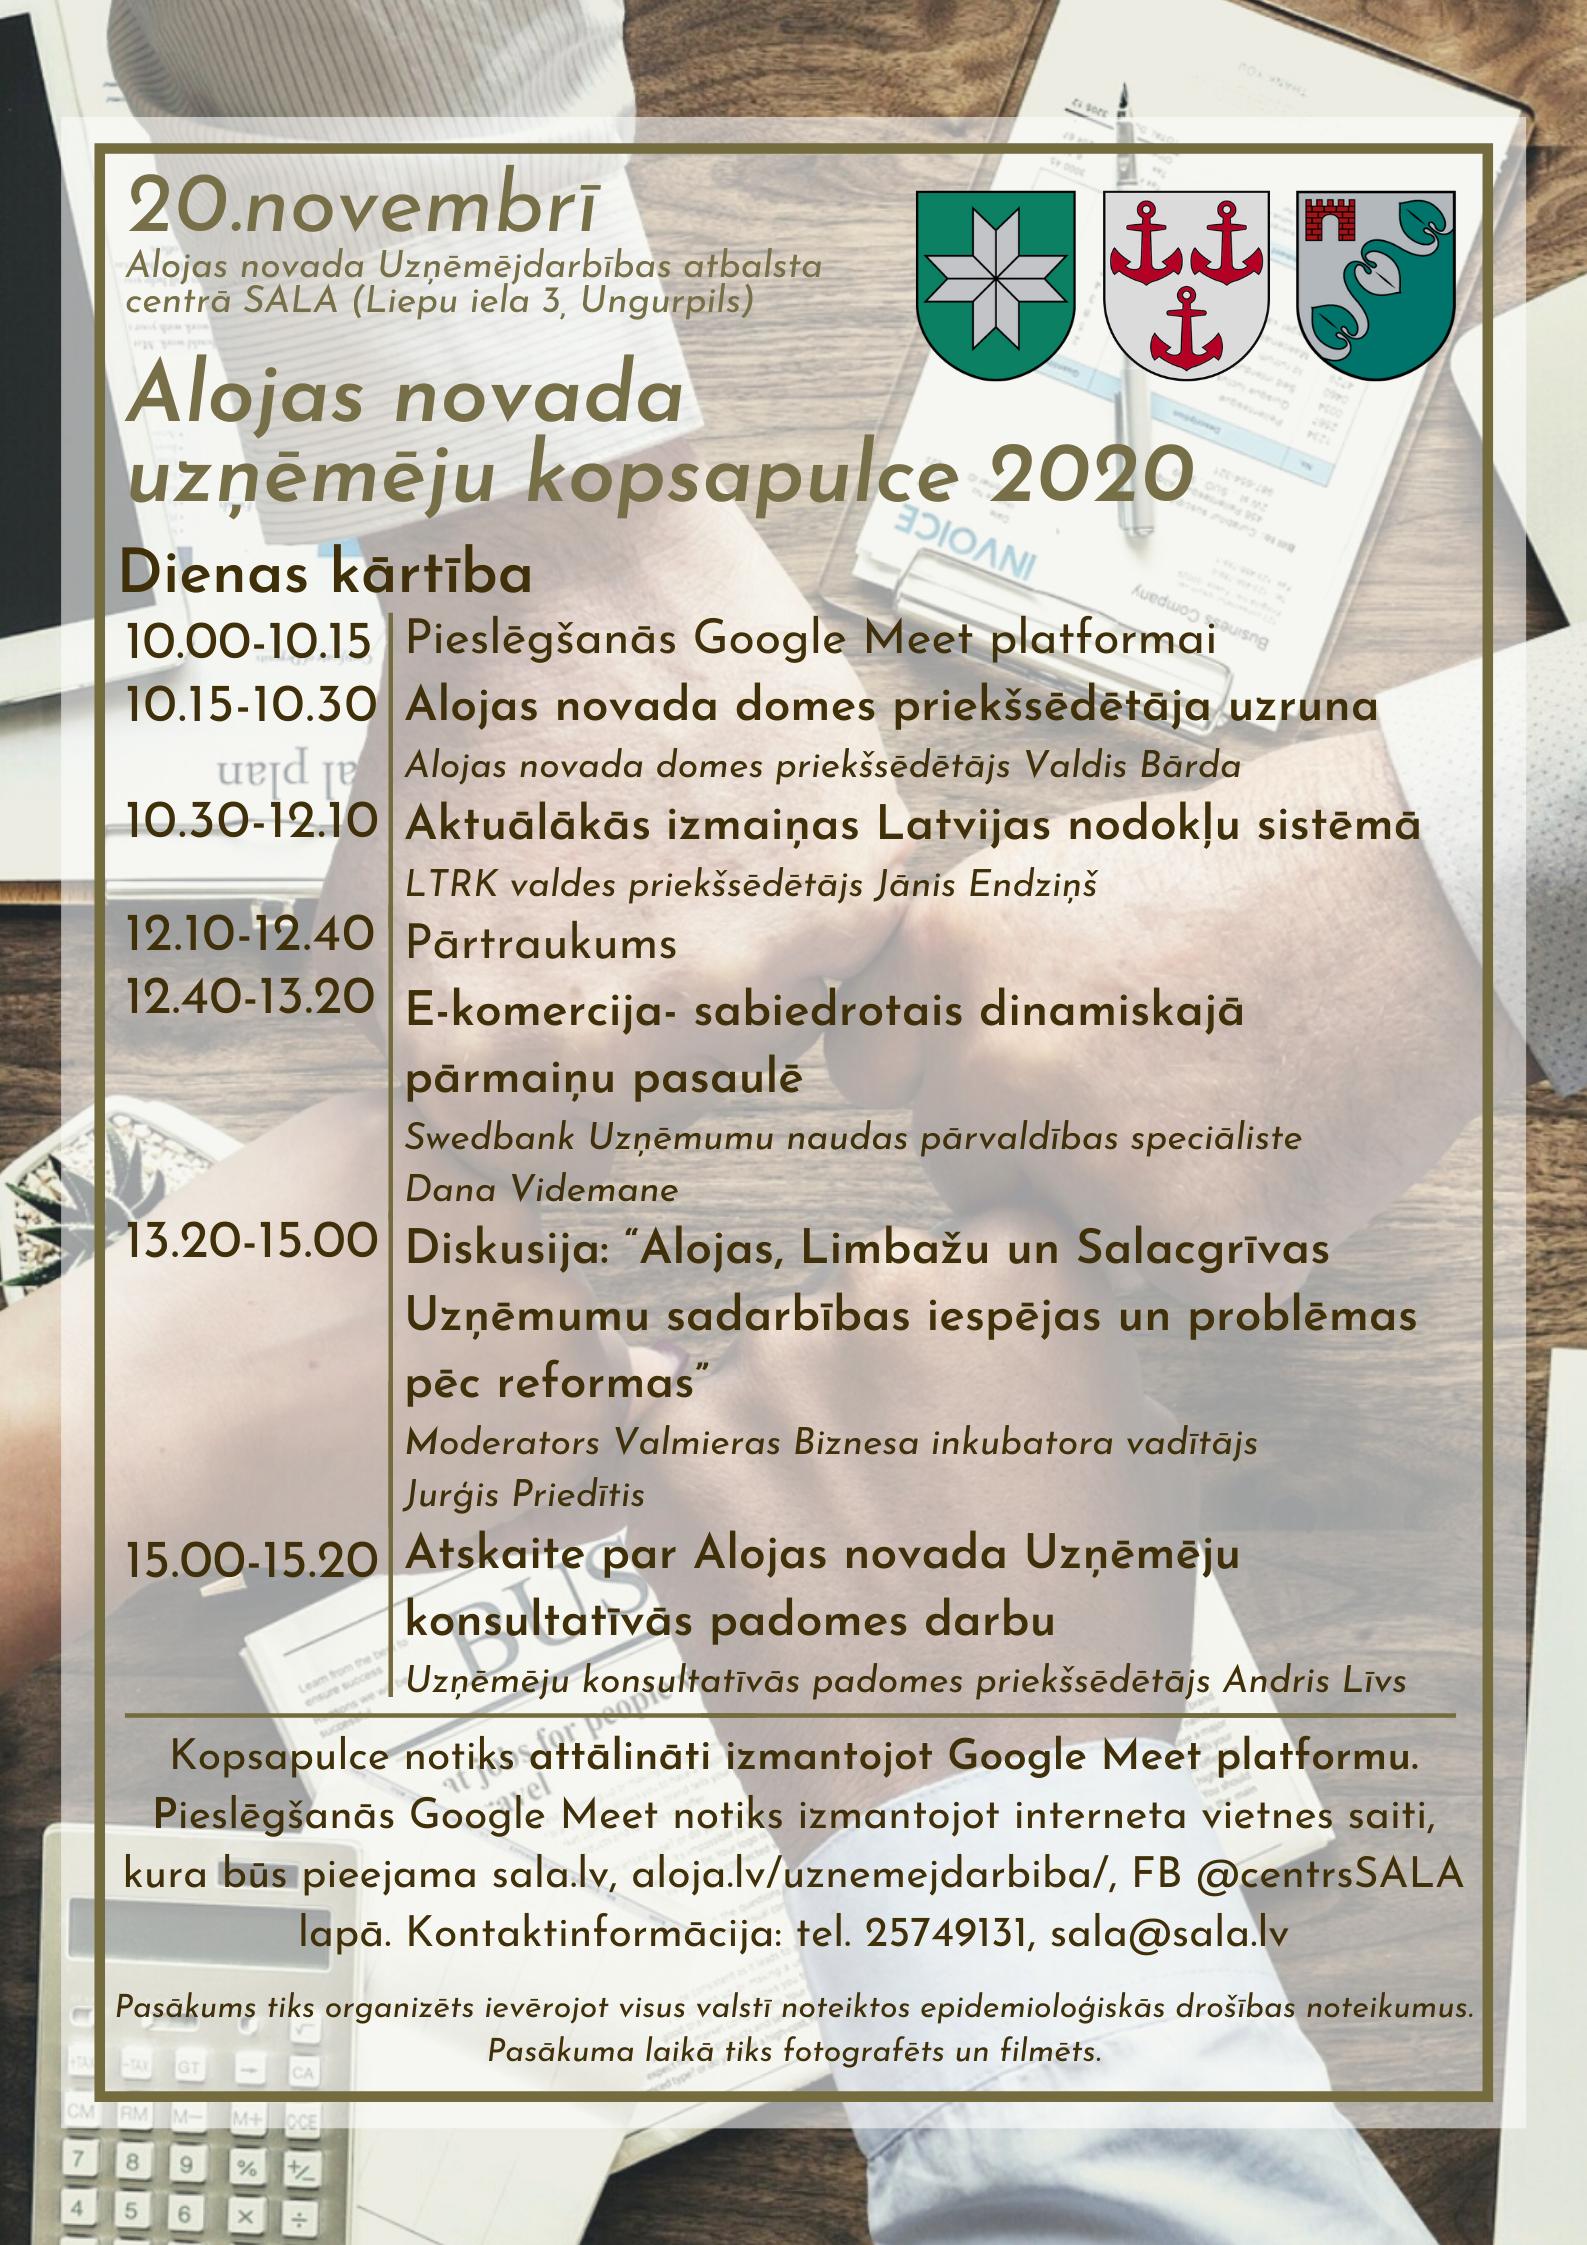 alojas-novada-uznemeju-kopsapulce-2020-2-002